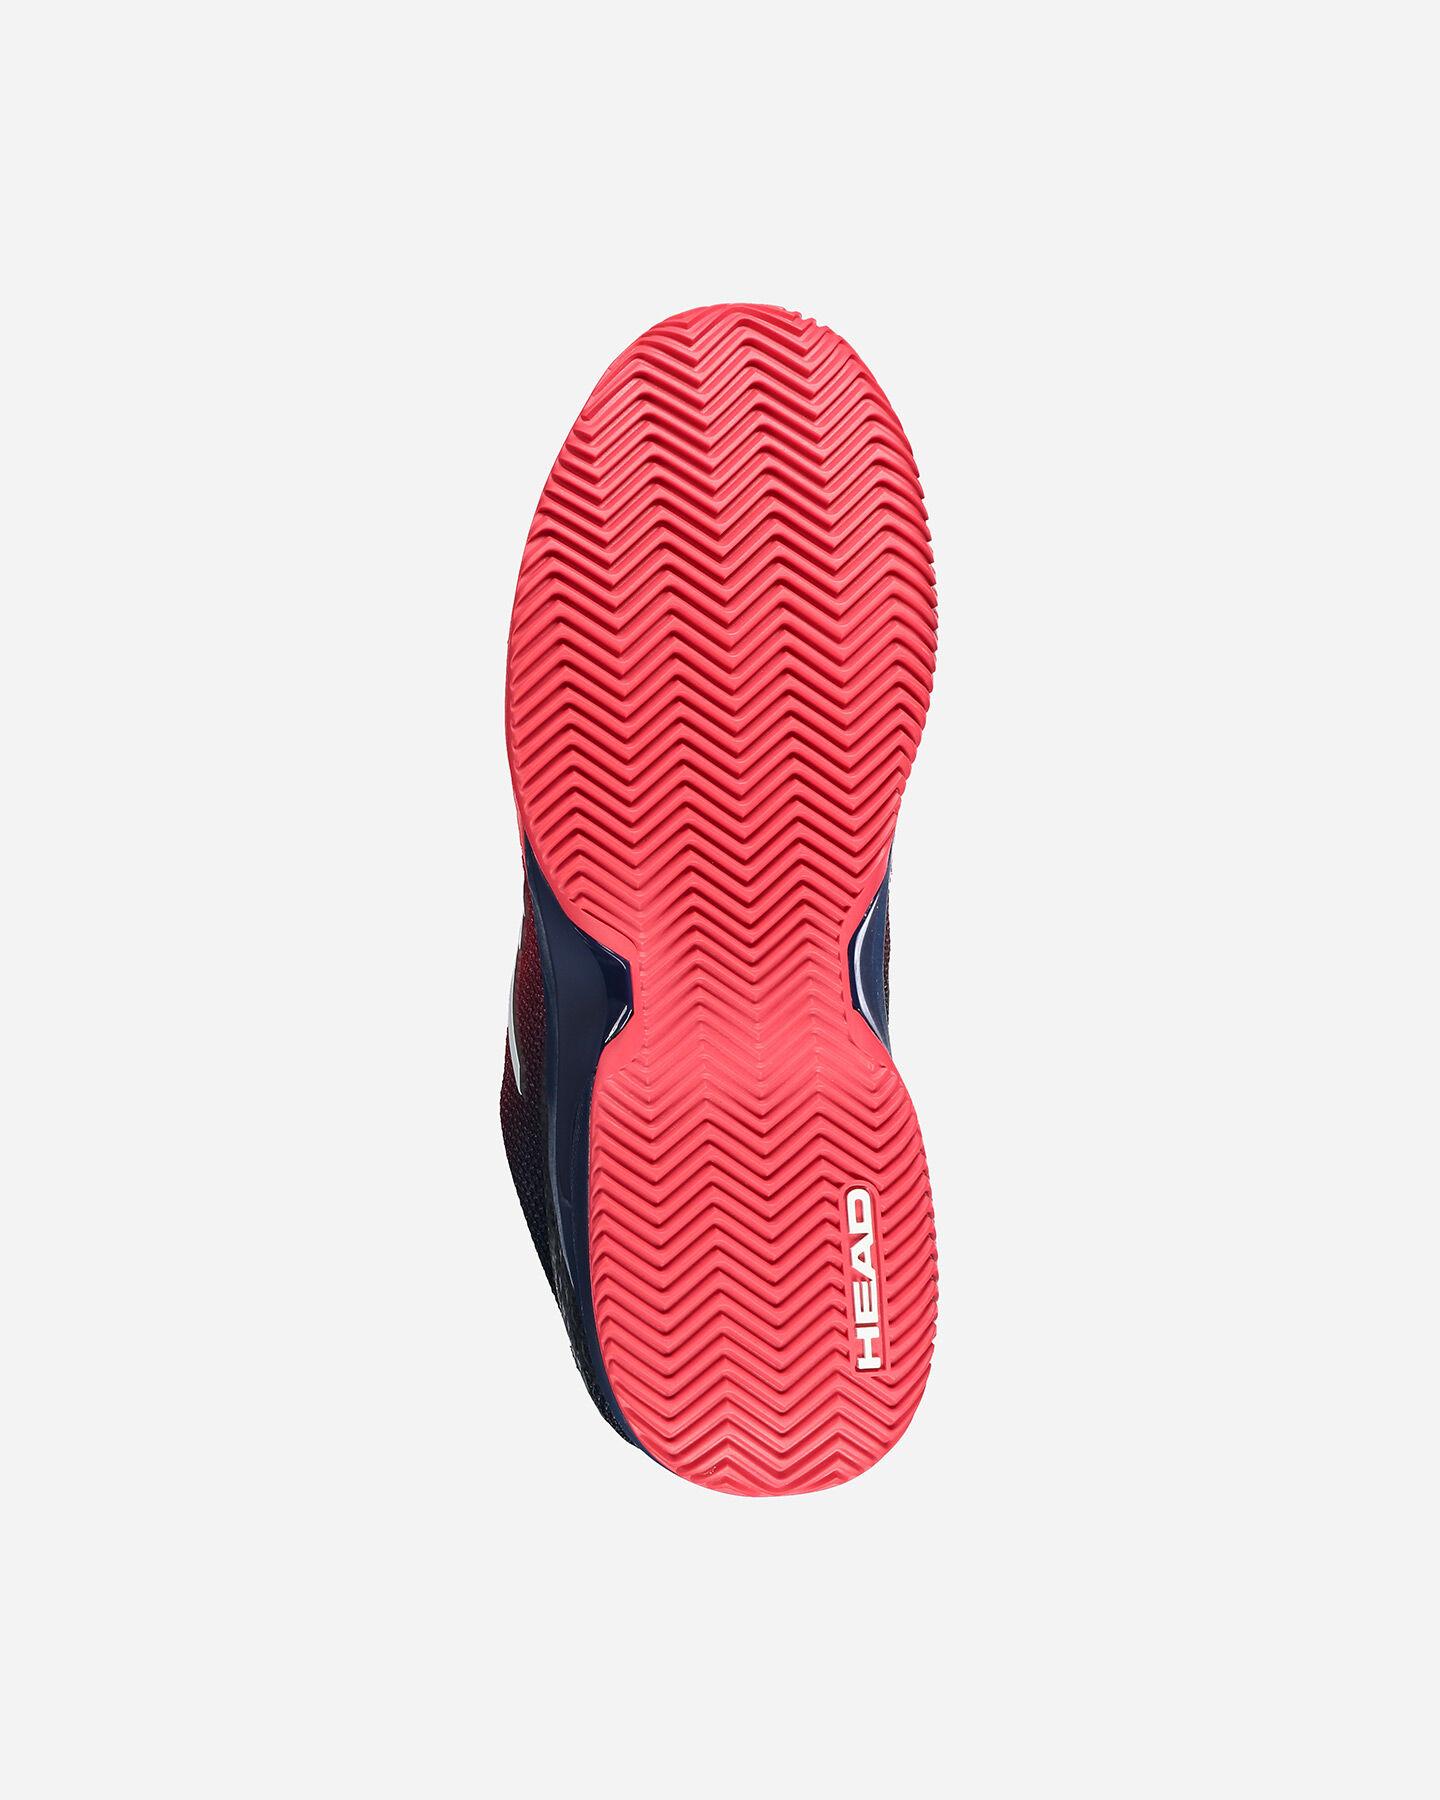 Scarpe tennis HEAD REVOLT PRO 3.0 CLAY M S5169729 scatto 2